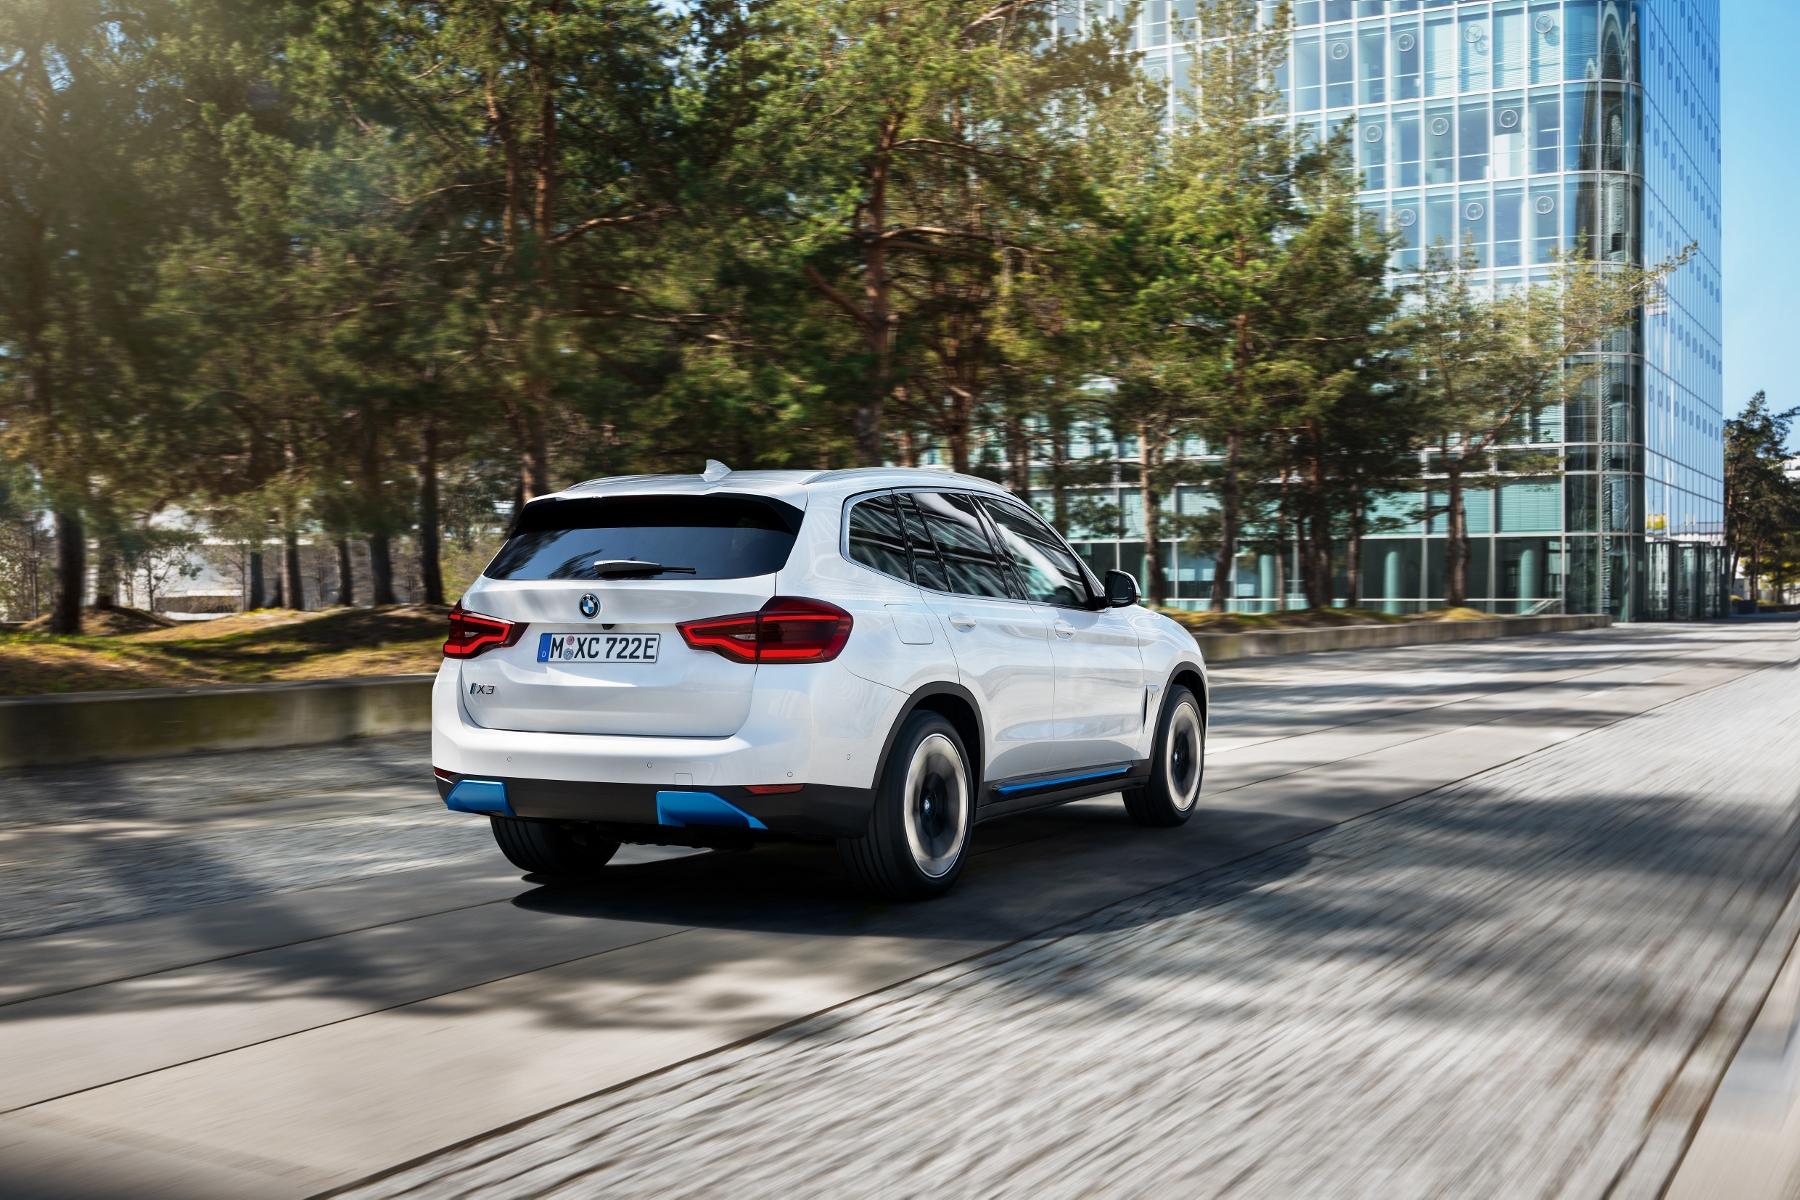 BMW ukázalo elektrické SUV iX3 s dojazdom 459 km iWi8k4nQk5 bmw-ix3-11